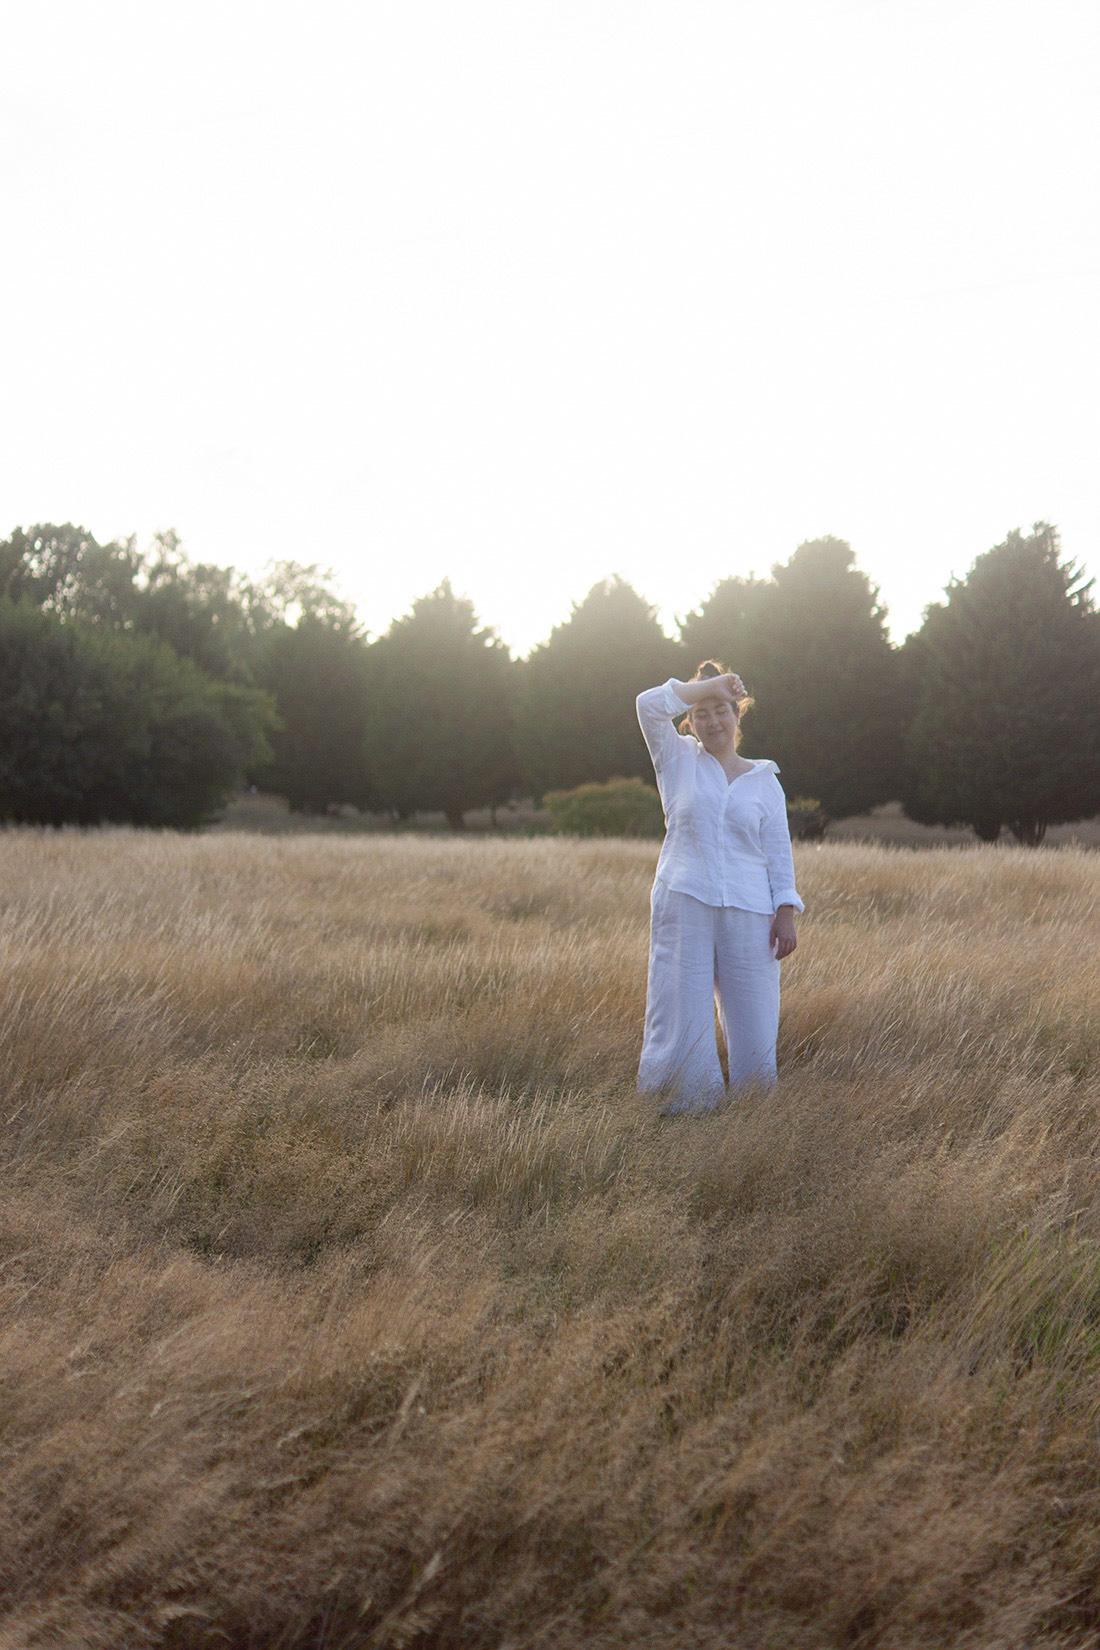 midsize-style-white-summer-linen